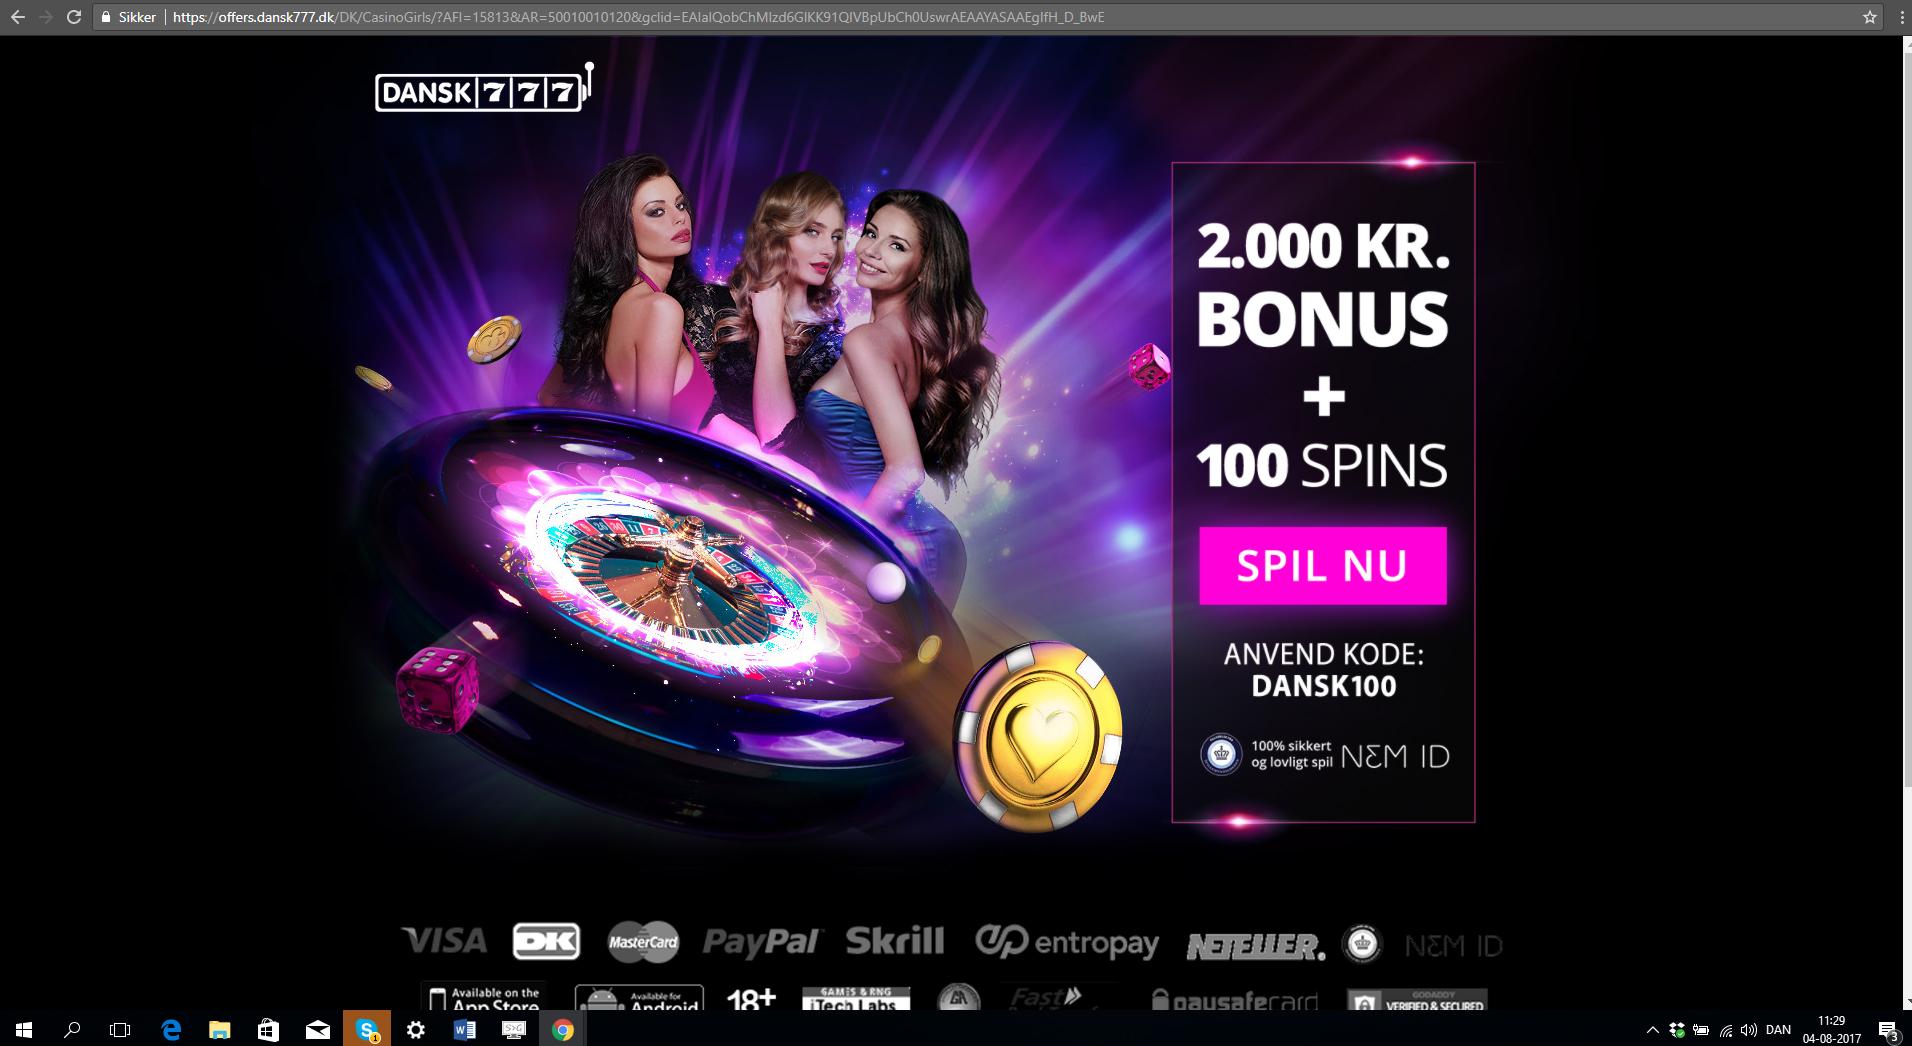 Dansk777 bonuskoder